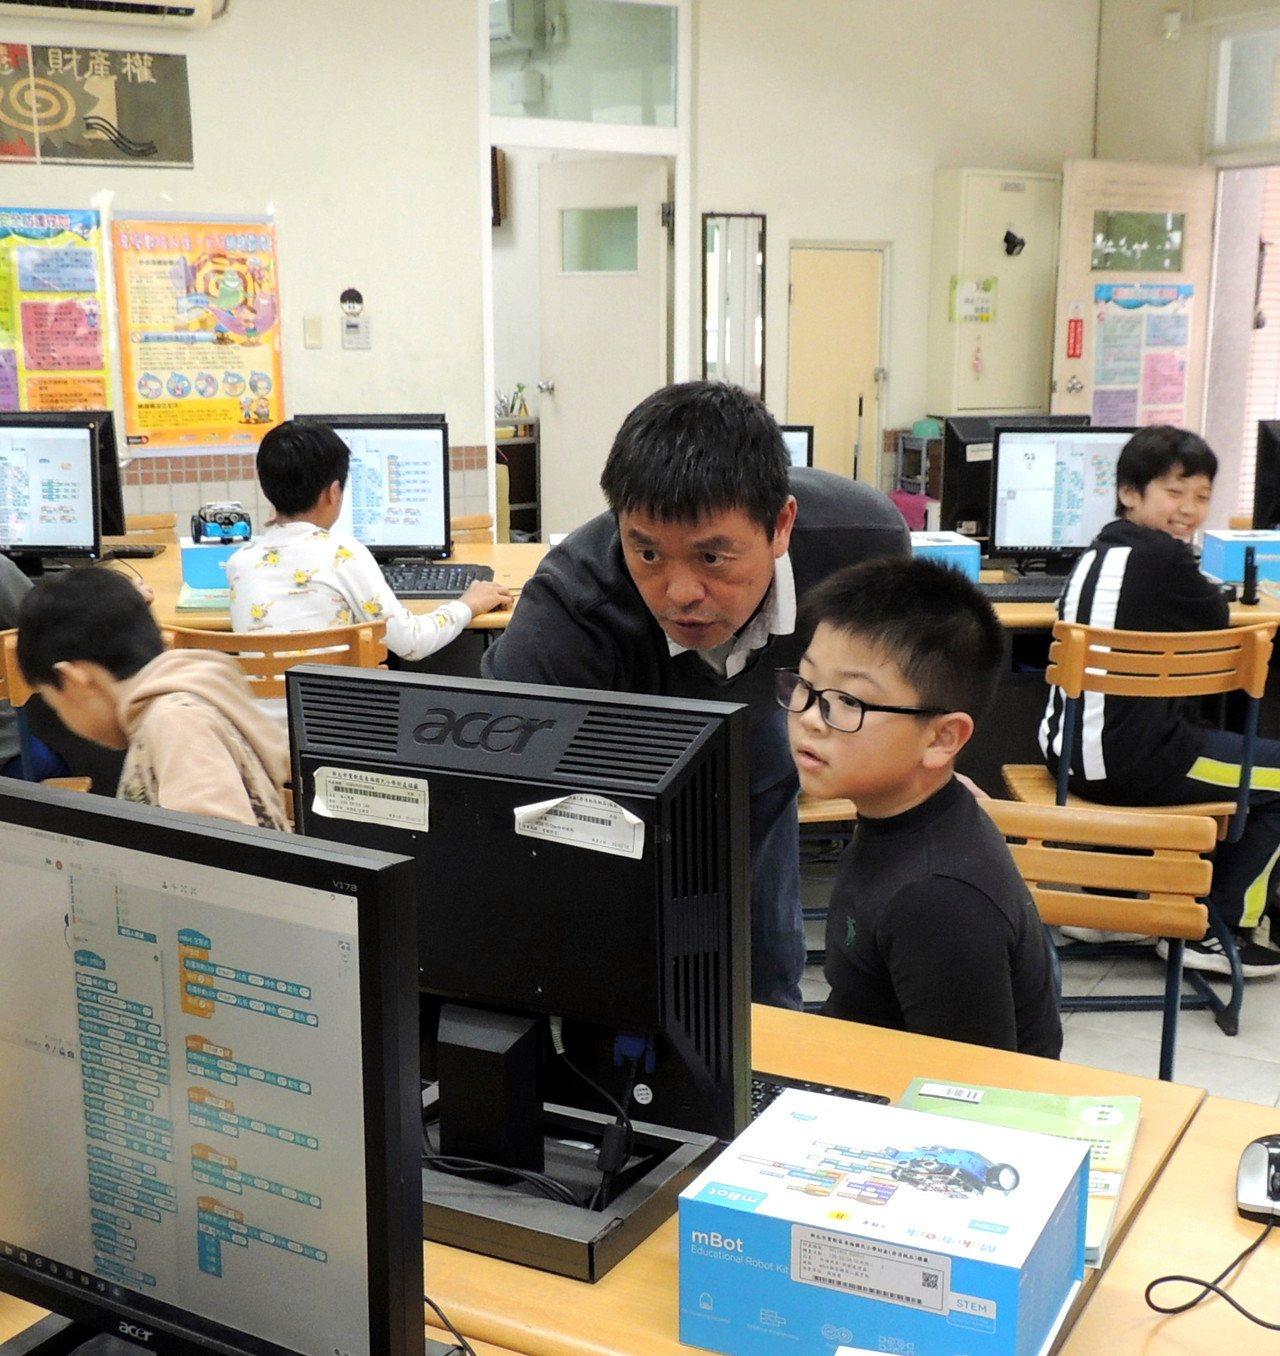 對於電腦教學,呂聰賢充滿熱忱,因此引發學生興趣。圖/教育部提供